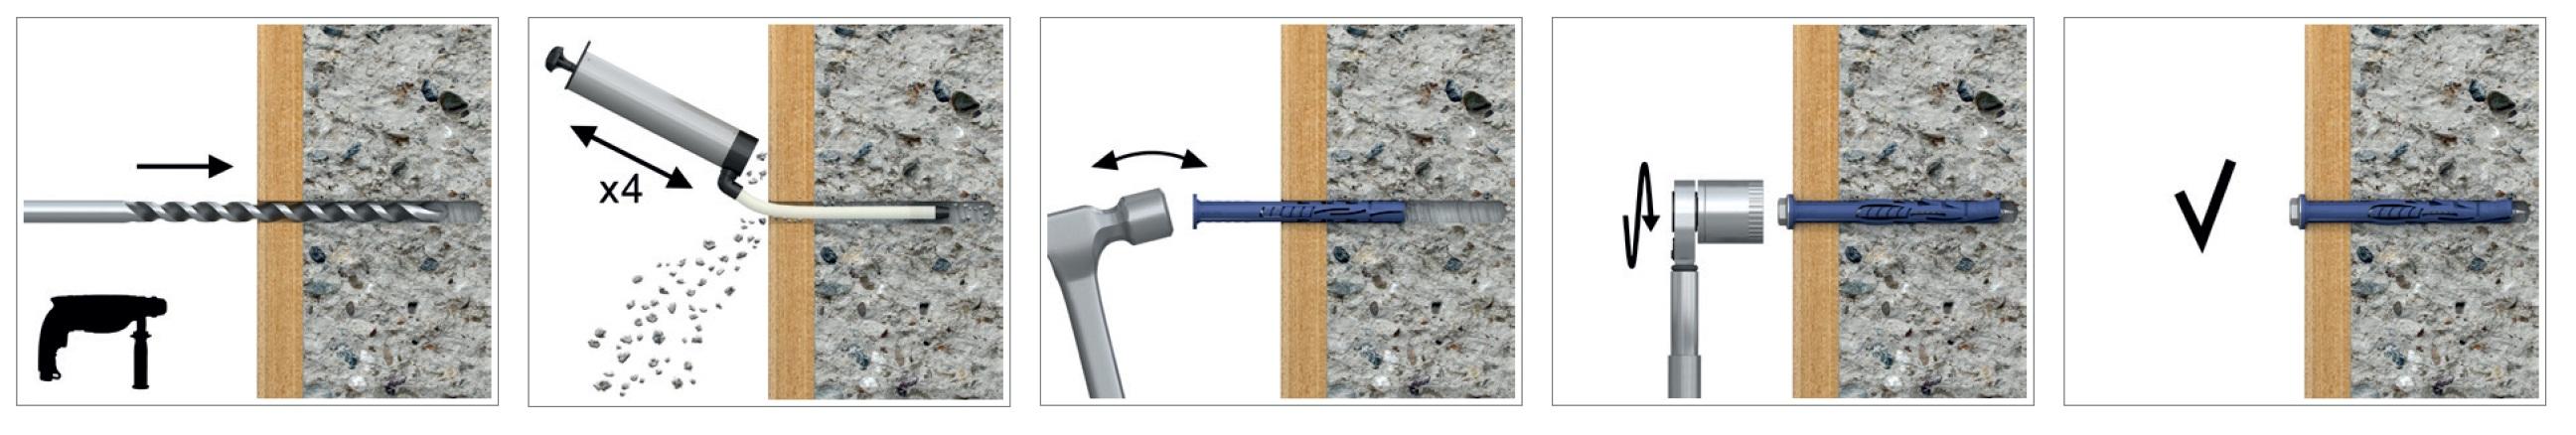 Дюбель фасадный универсальный с шурупом 10х120 (25 шт.) Rawlplug